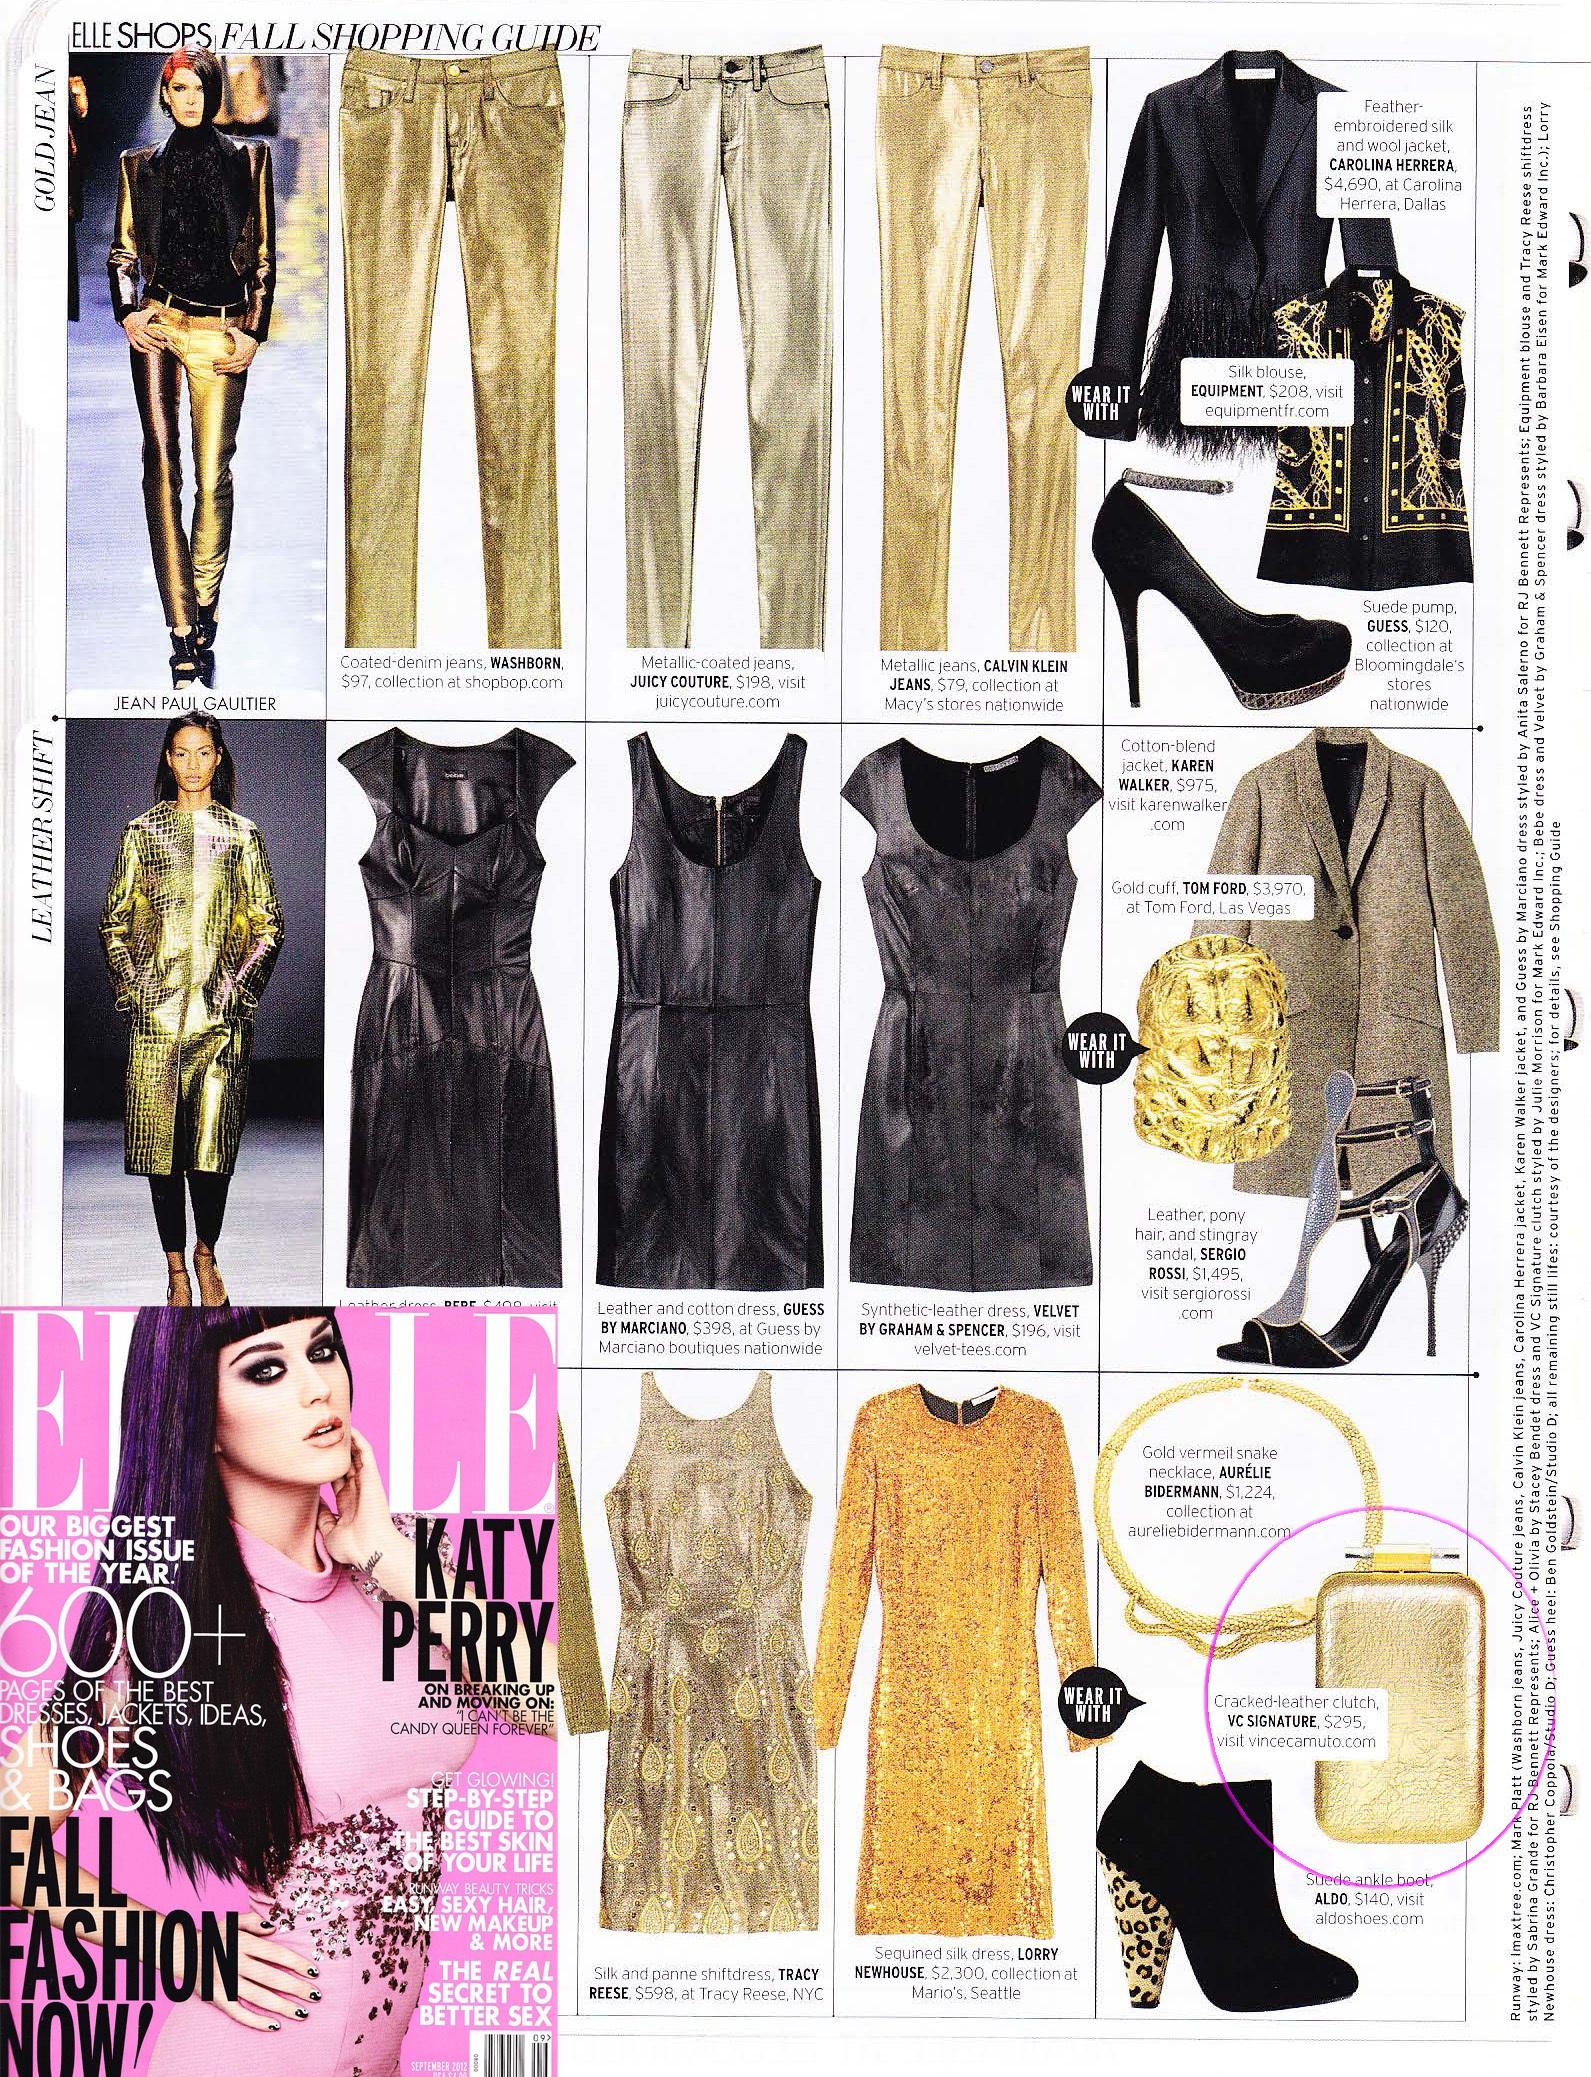 Elle - September 2012 - Runway to reality pg354.jpg